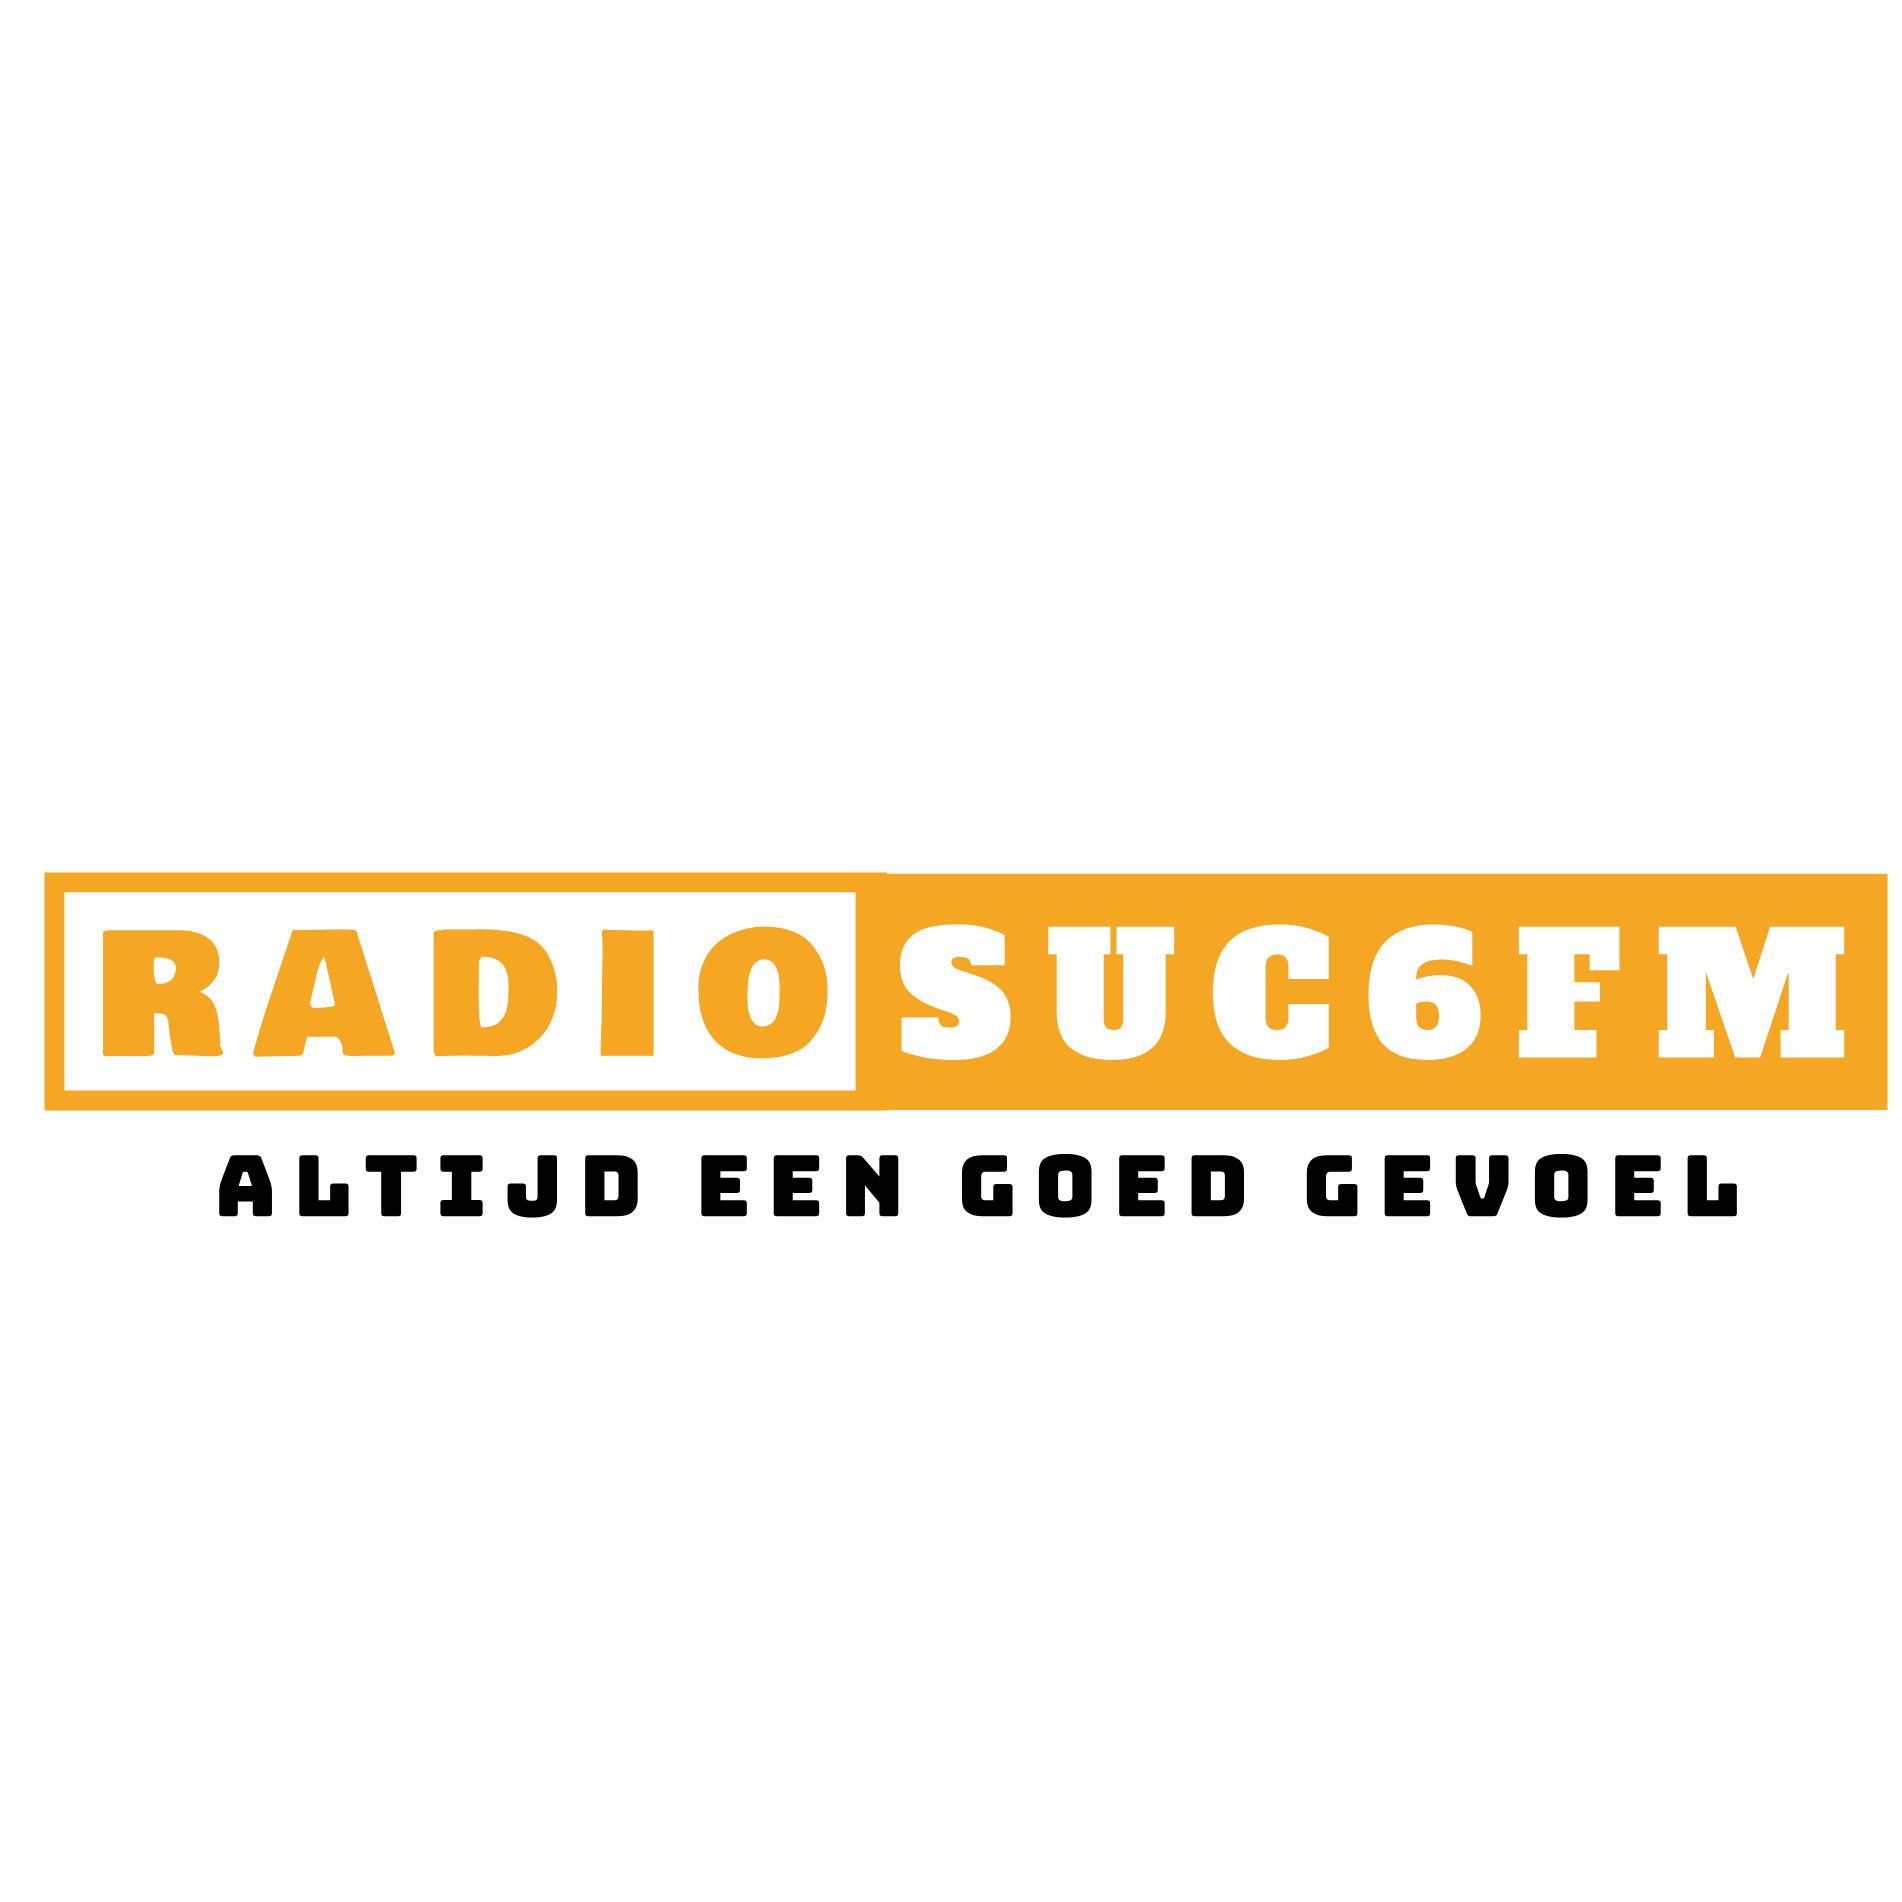 Radio Suc6fm